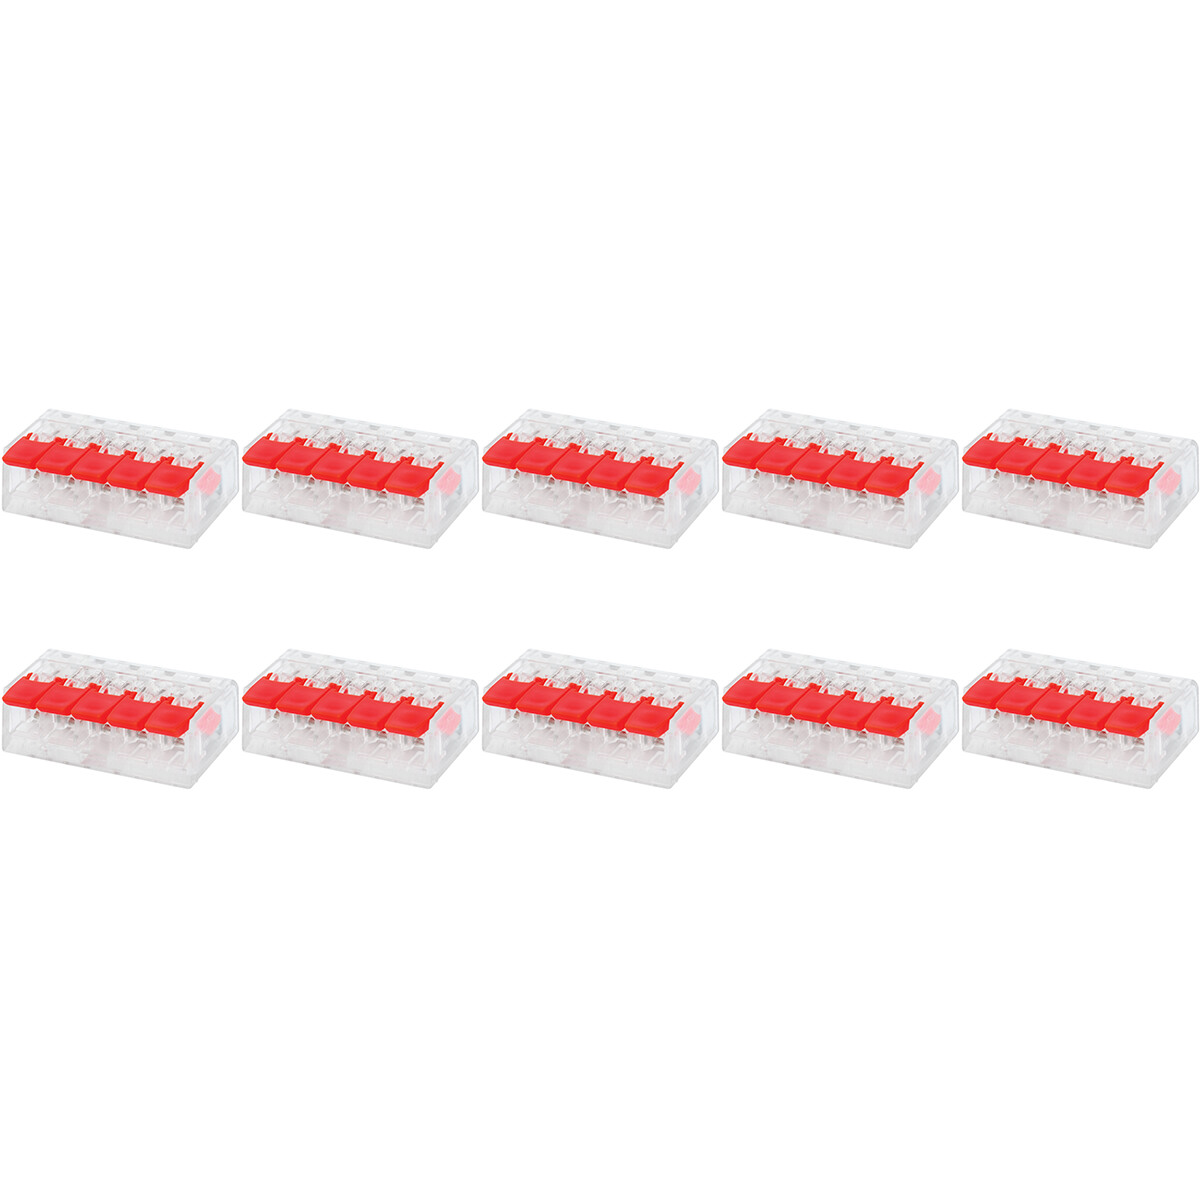 Lasklem Slim Set 10 Stuks - 5 Polig met Klemmetjes - Rood